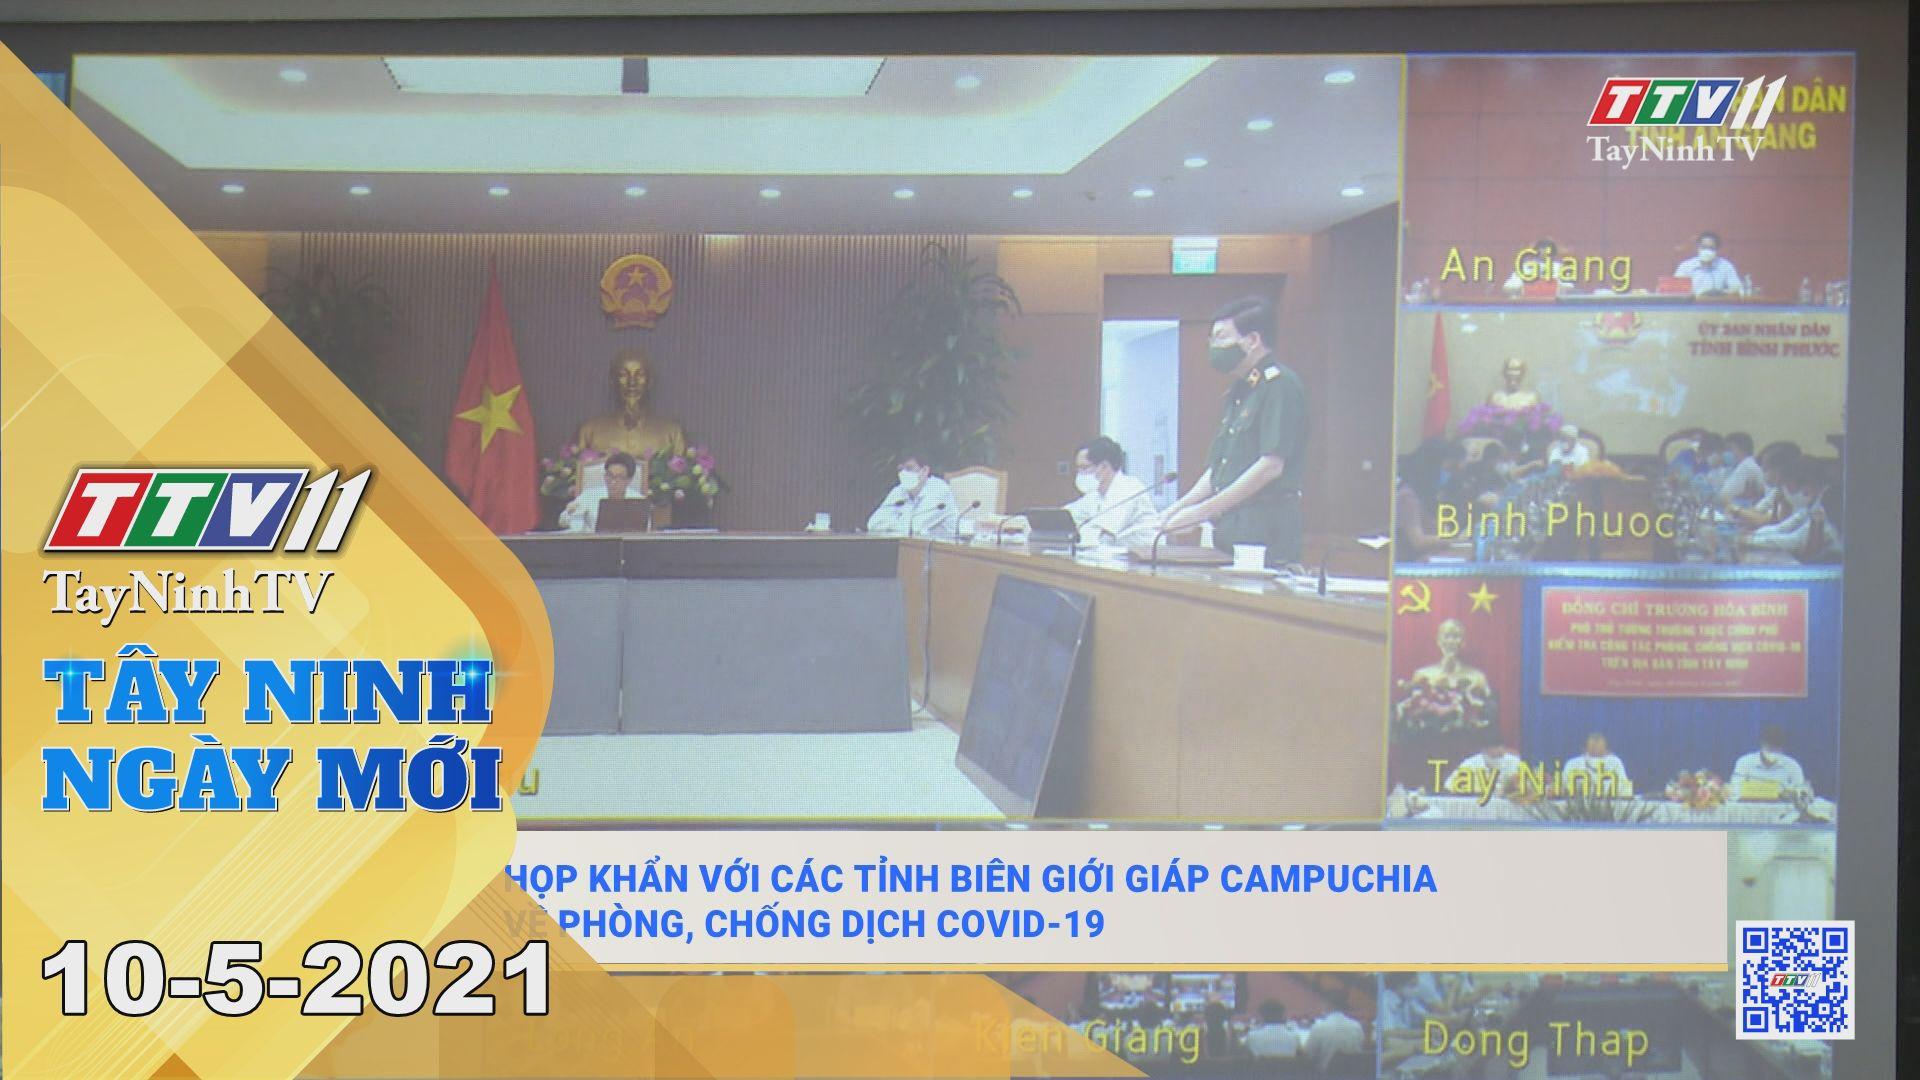 Tây Ninh Ngày Mới 10-5-2021 | Tin tức hôm nay | TayNinhTV